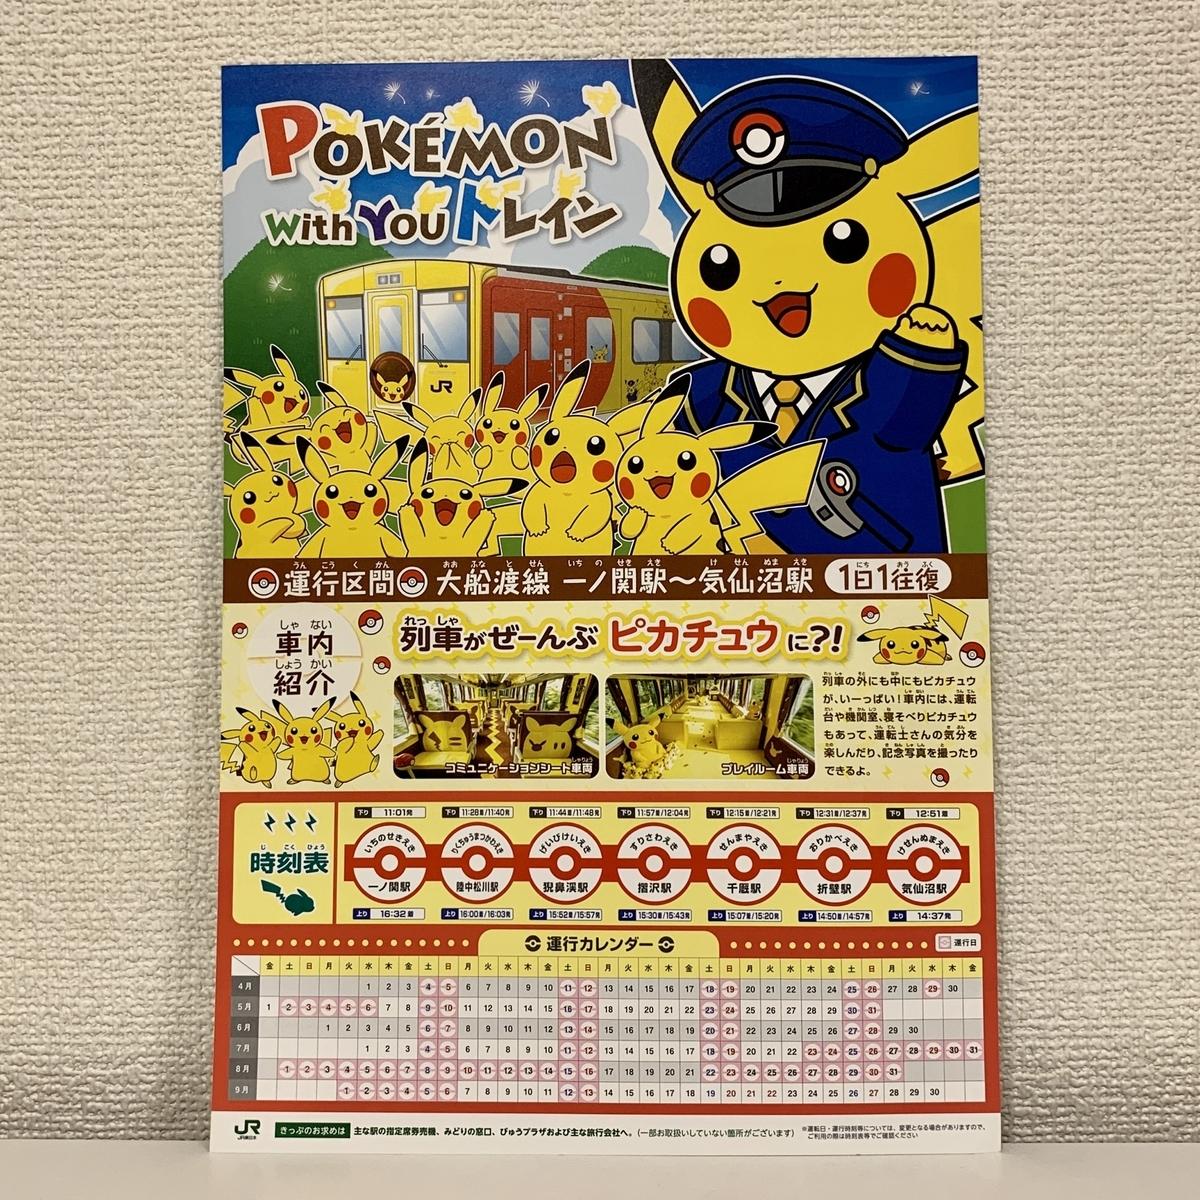 f:id:pikachu_pcn:20200716211748j:plain